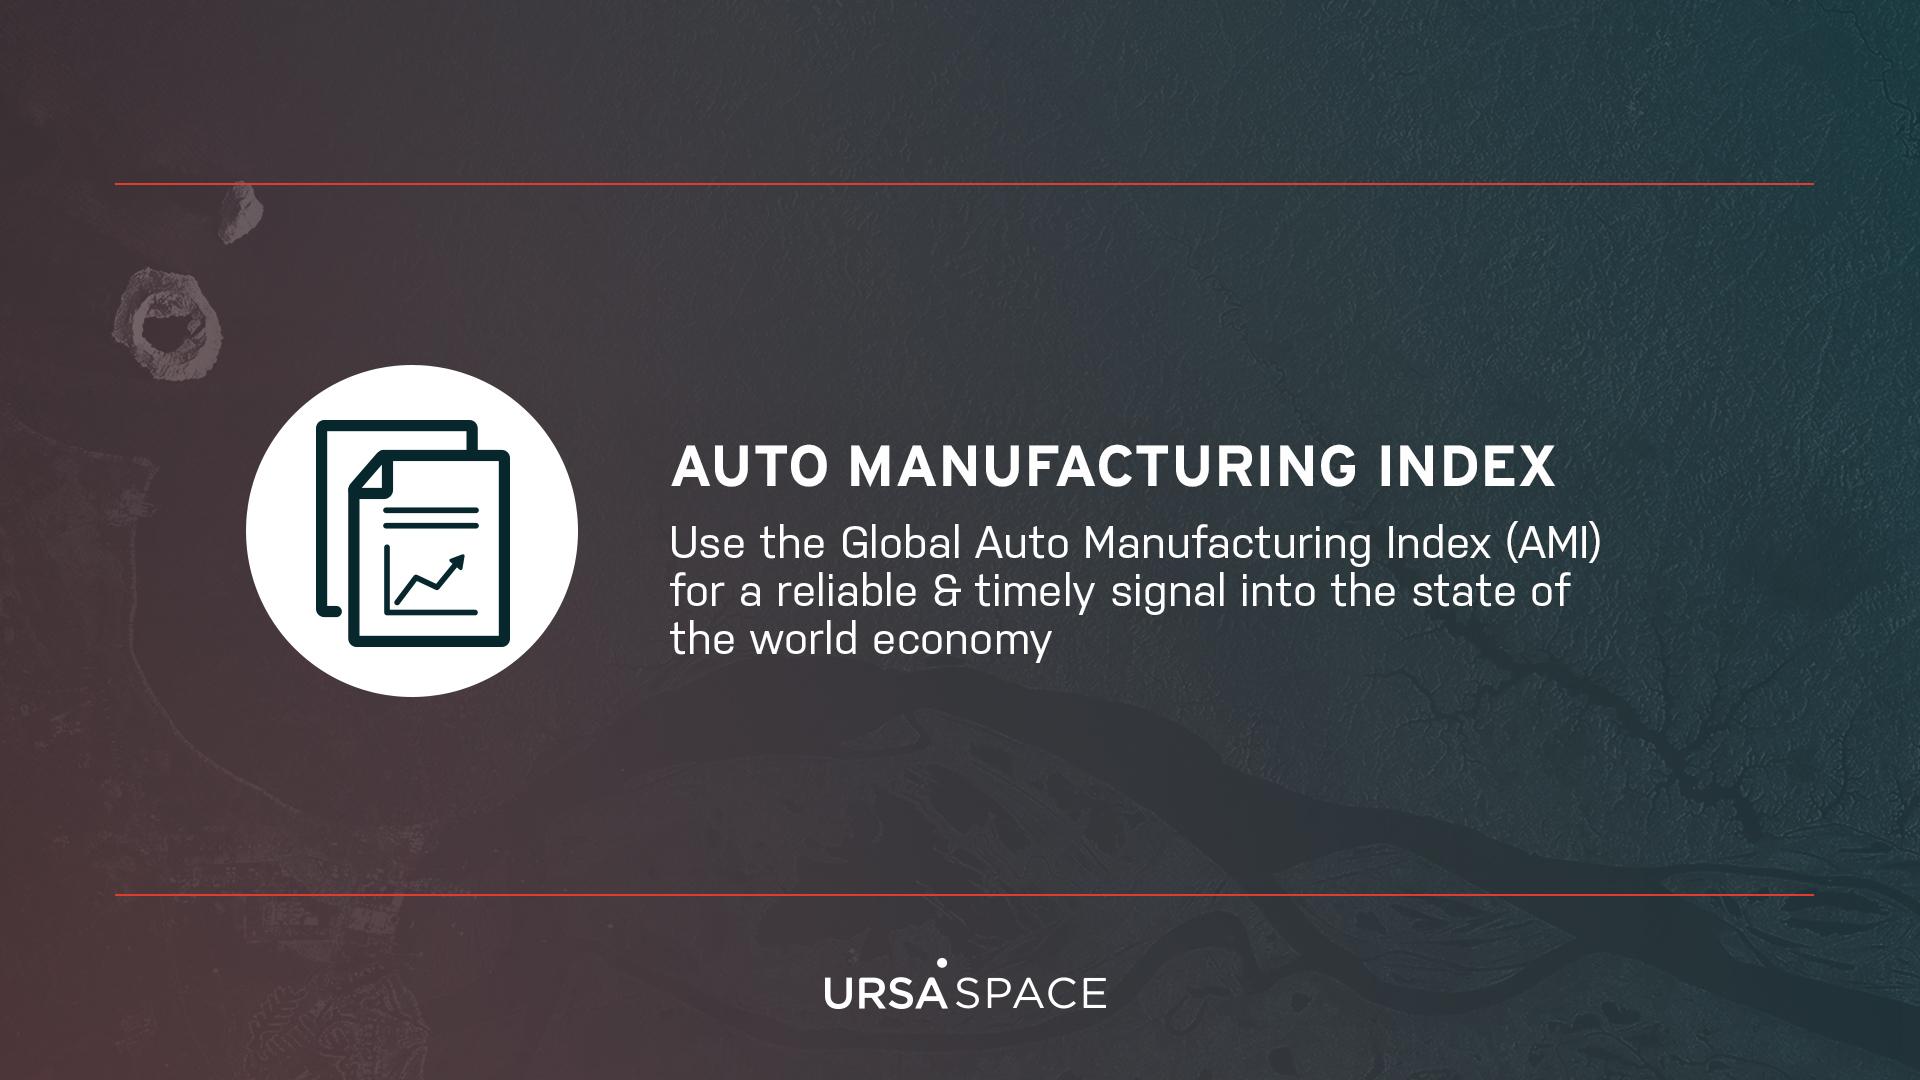 Auto Manufacturing Index